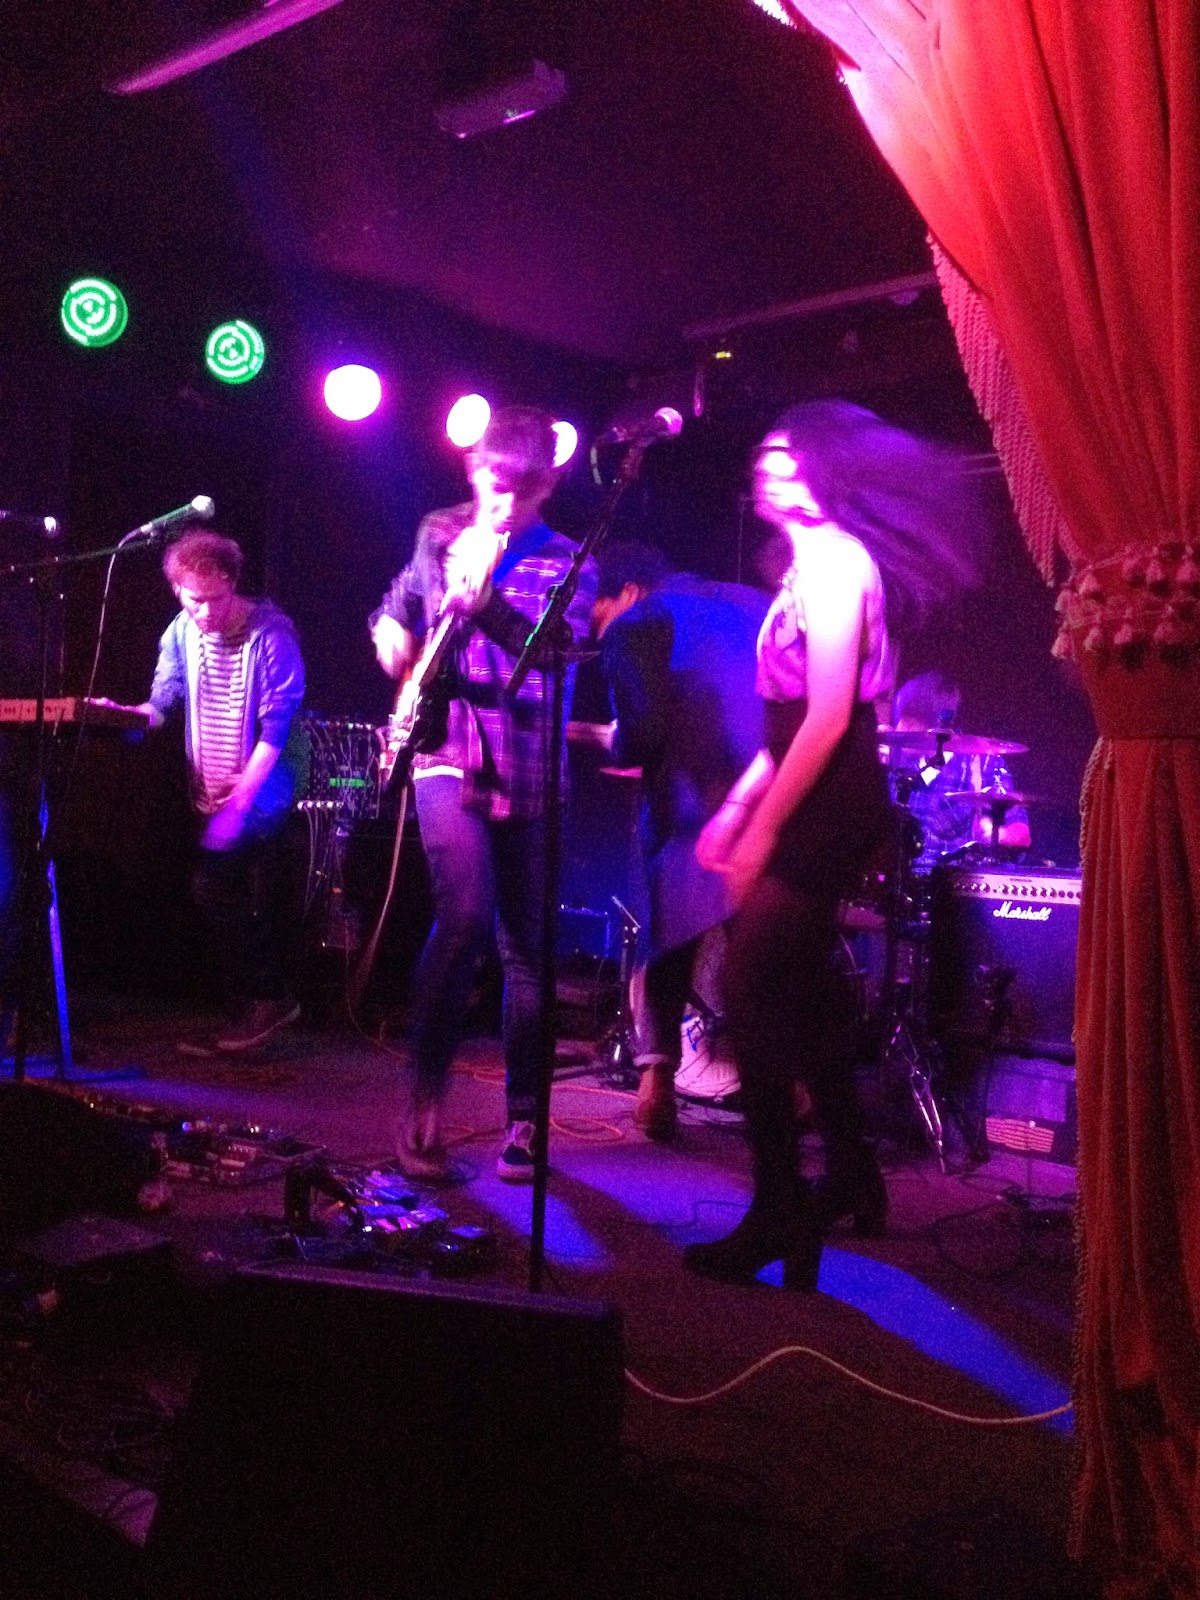 Segrasso band